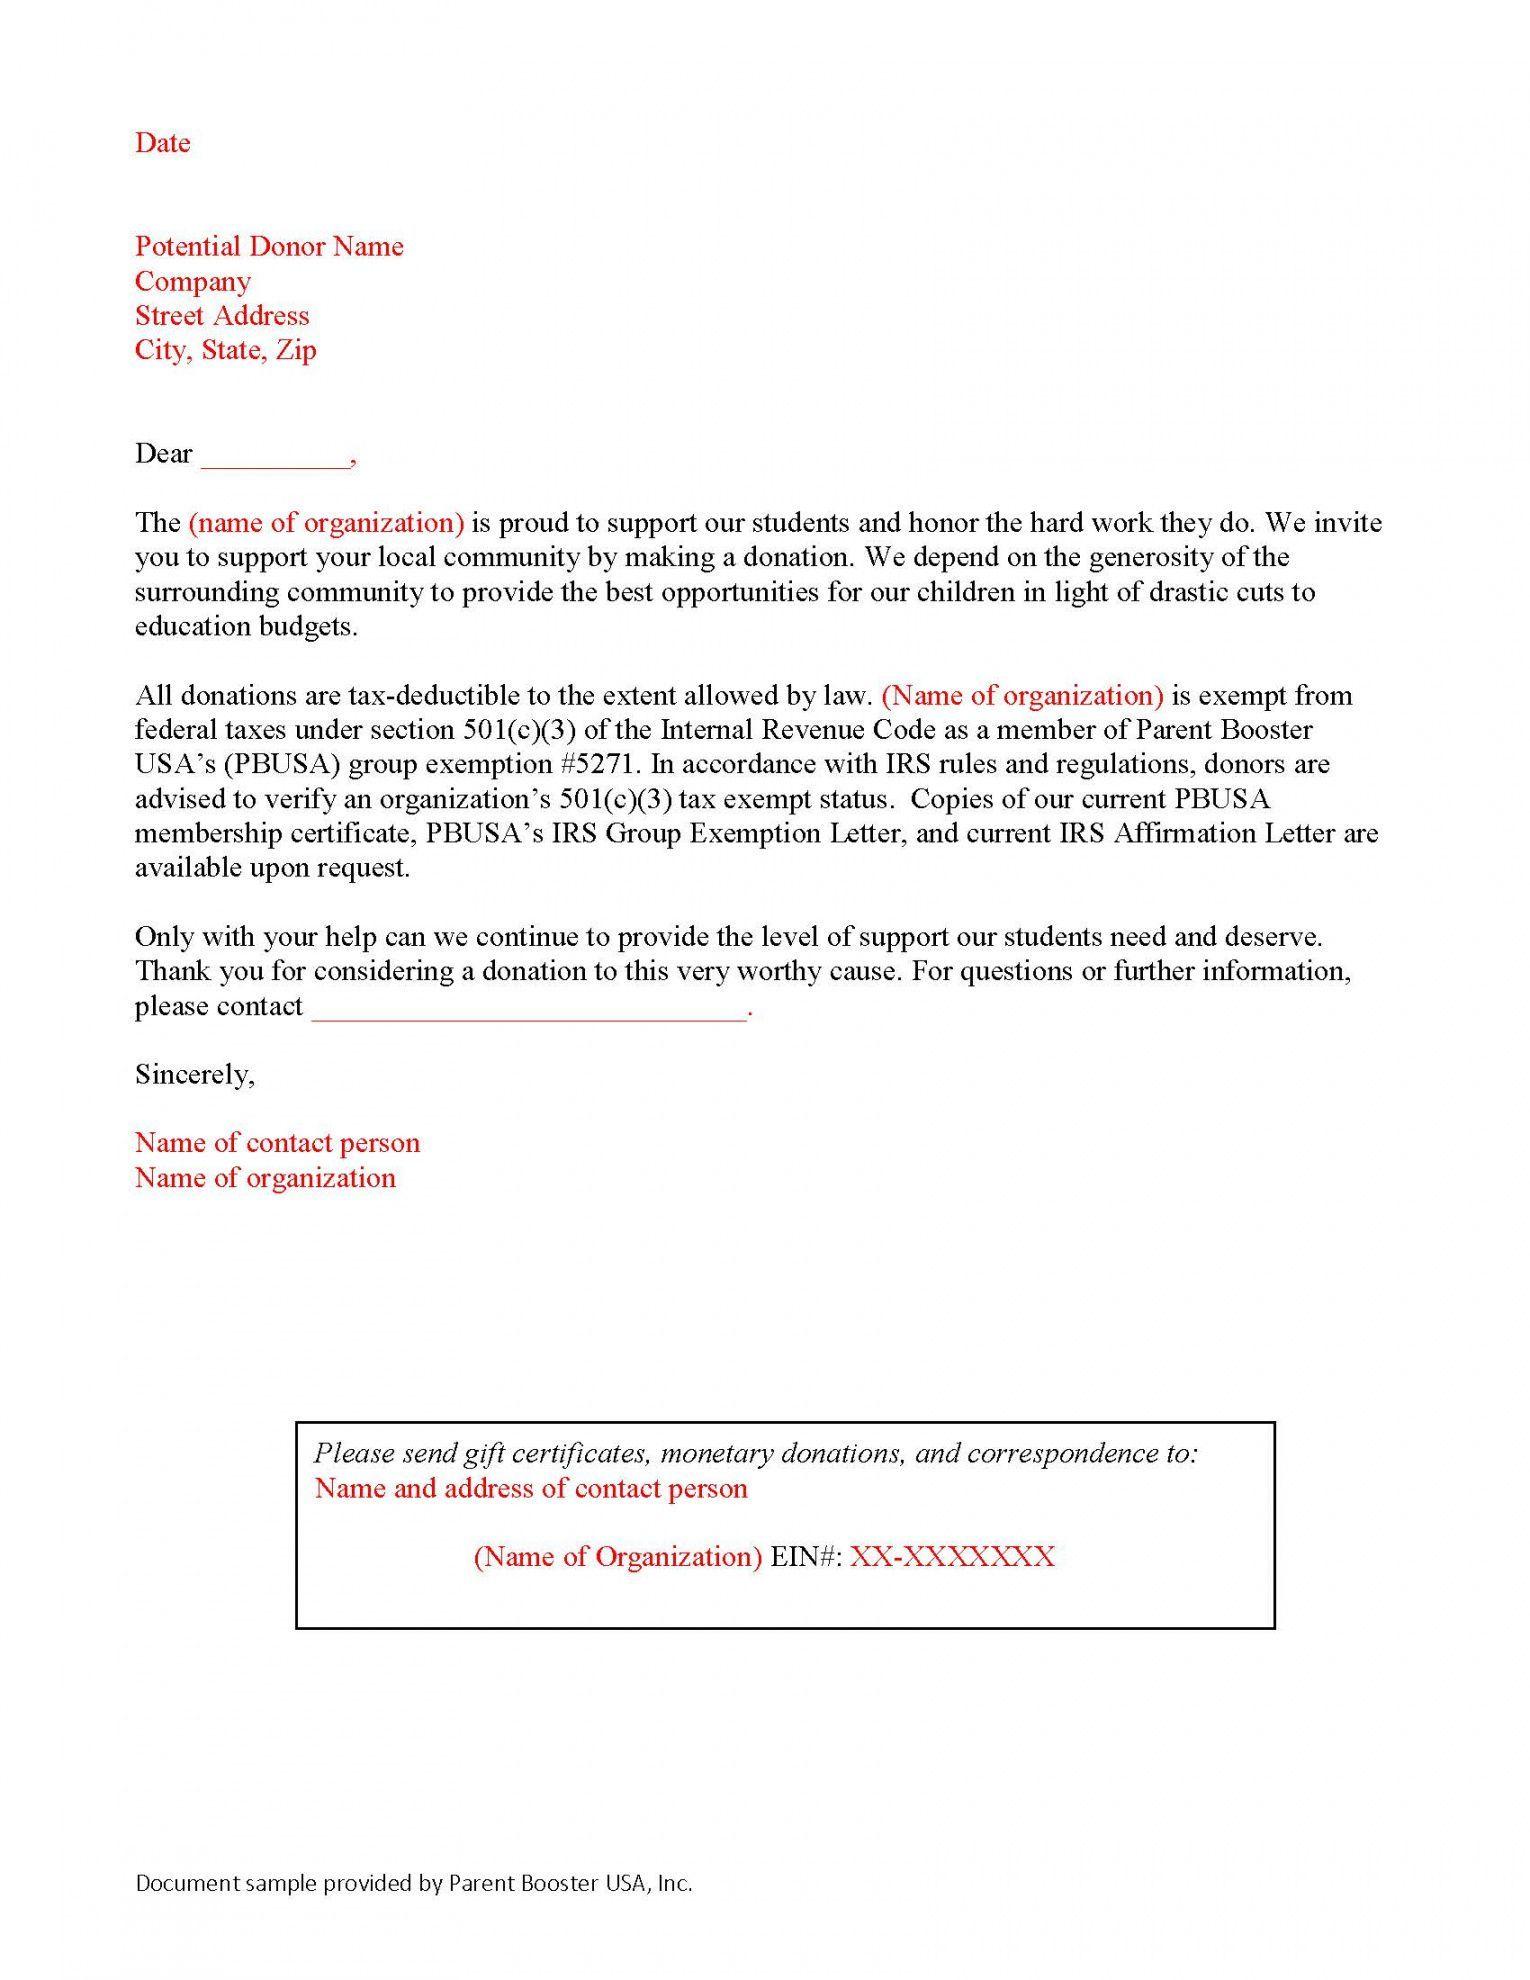 Donation Solicitation Letter Template Parent Booster Usa Fundraising Solicitation Letter Tem Donation Letter Template Lettering Solicitation Letter